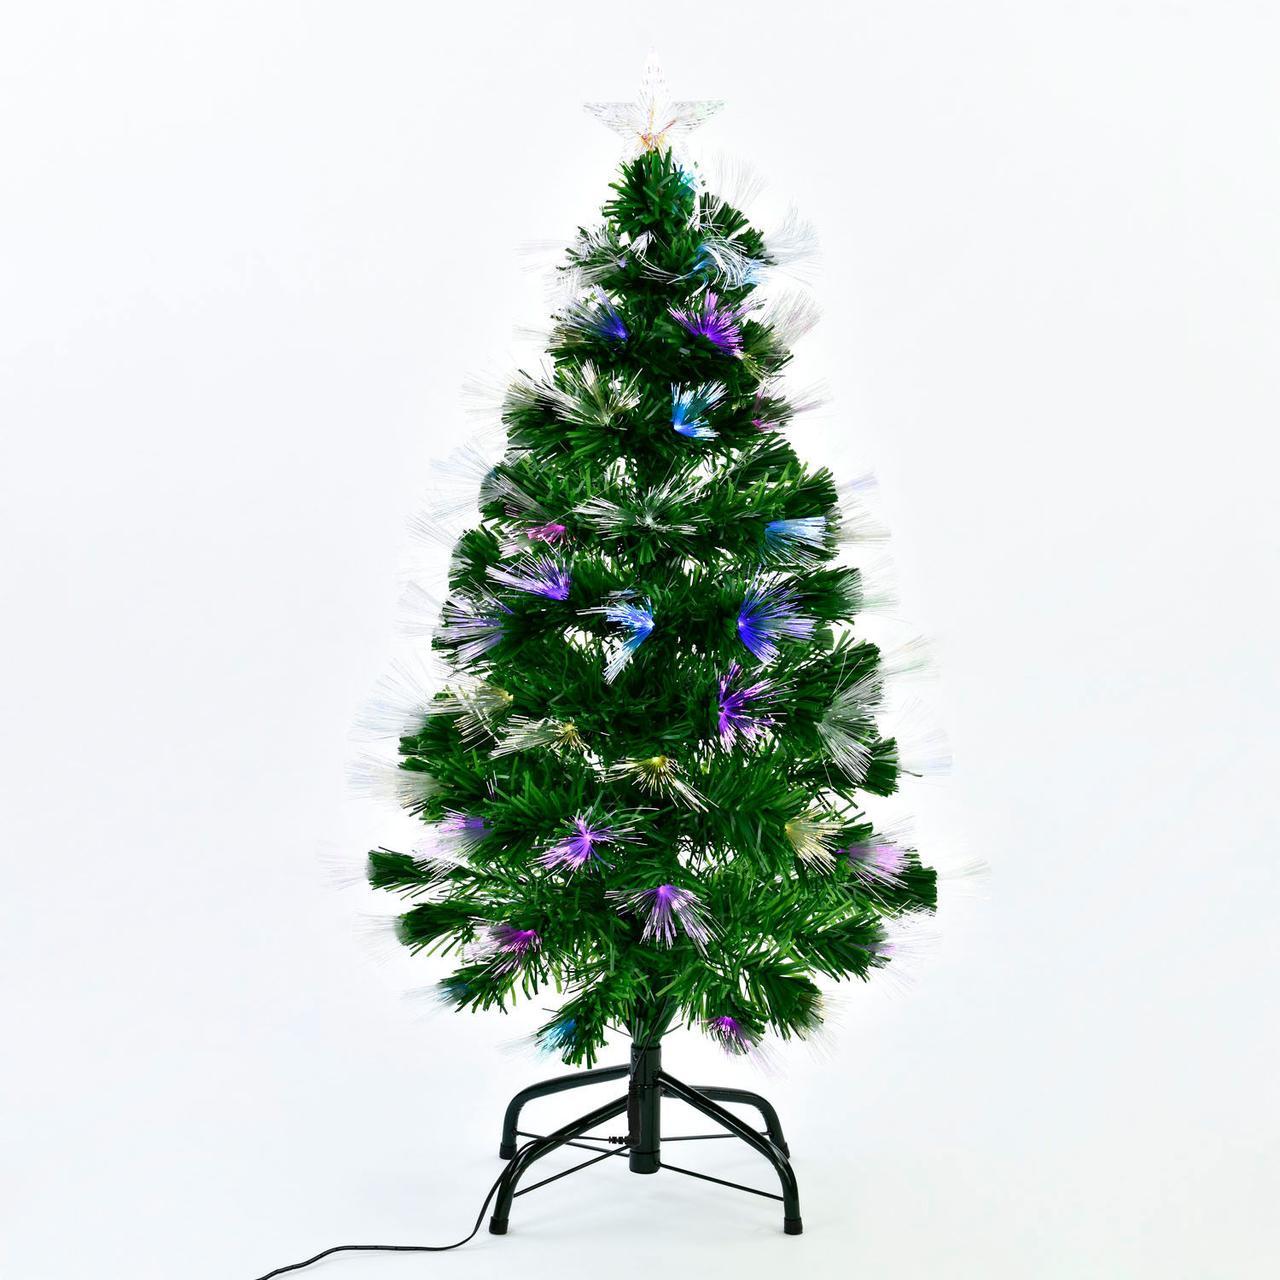 Искусственная ёлка светящаяся С 29328 высотой 90 см